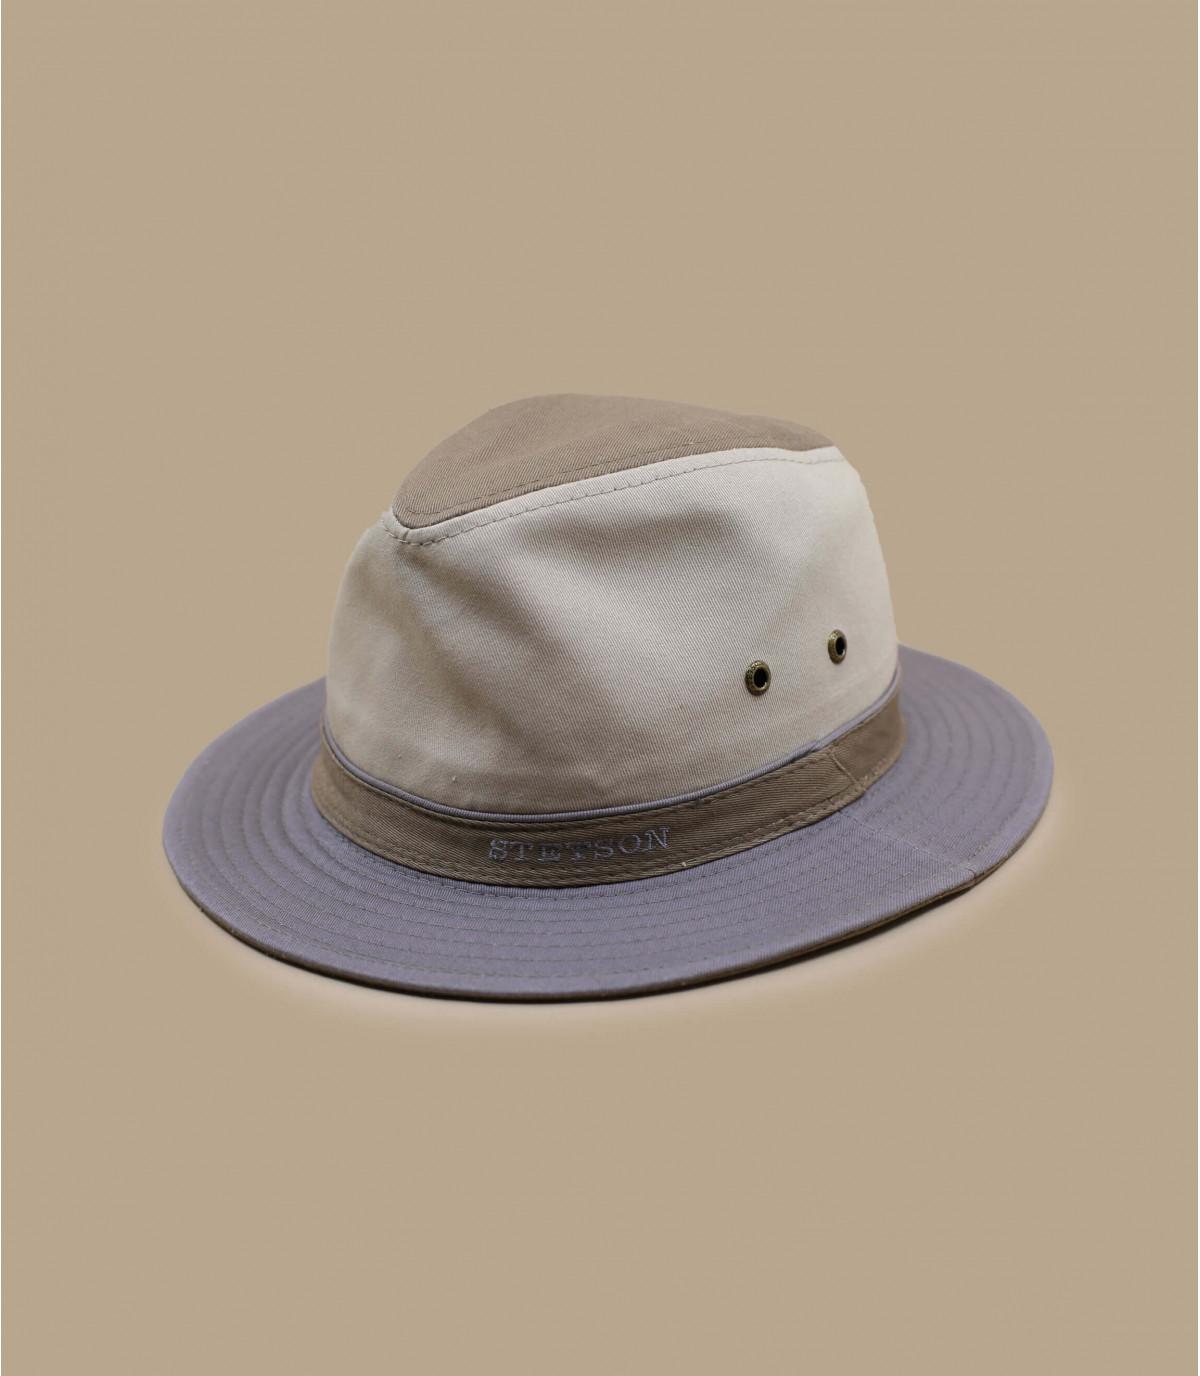 Stetson katoenen hoed